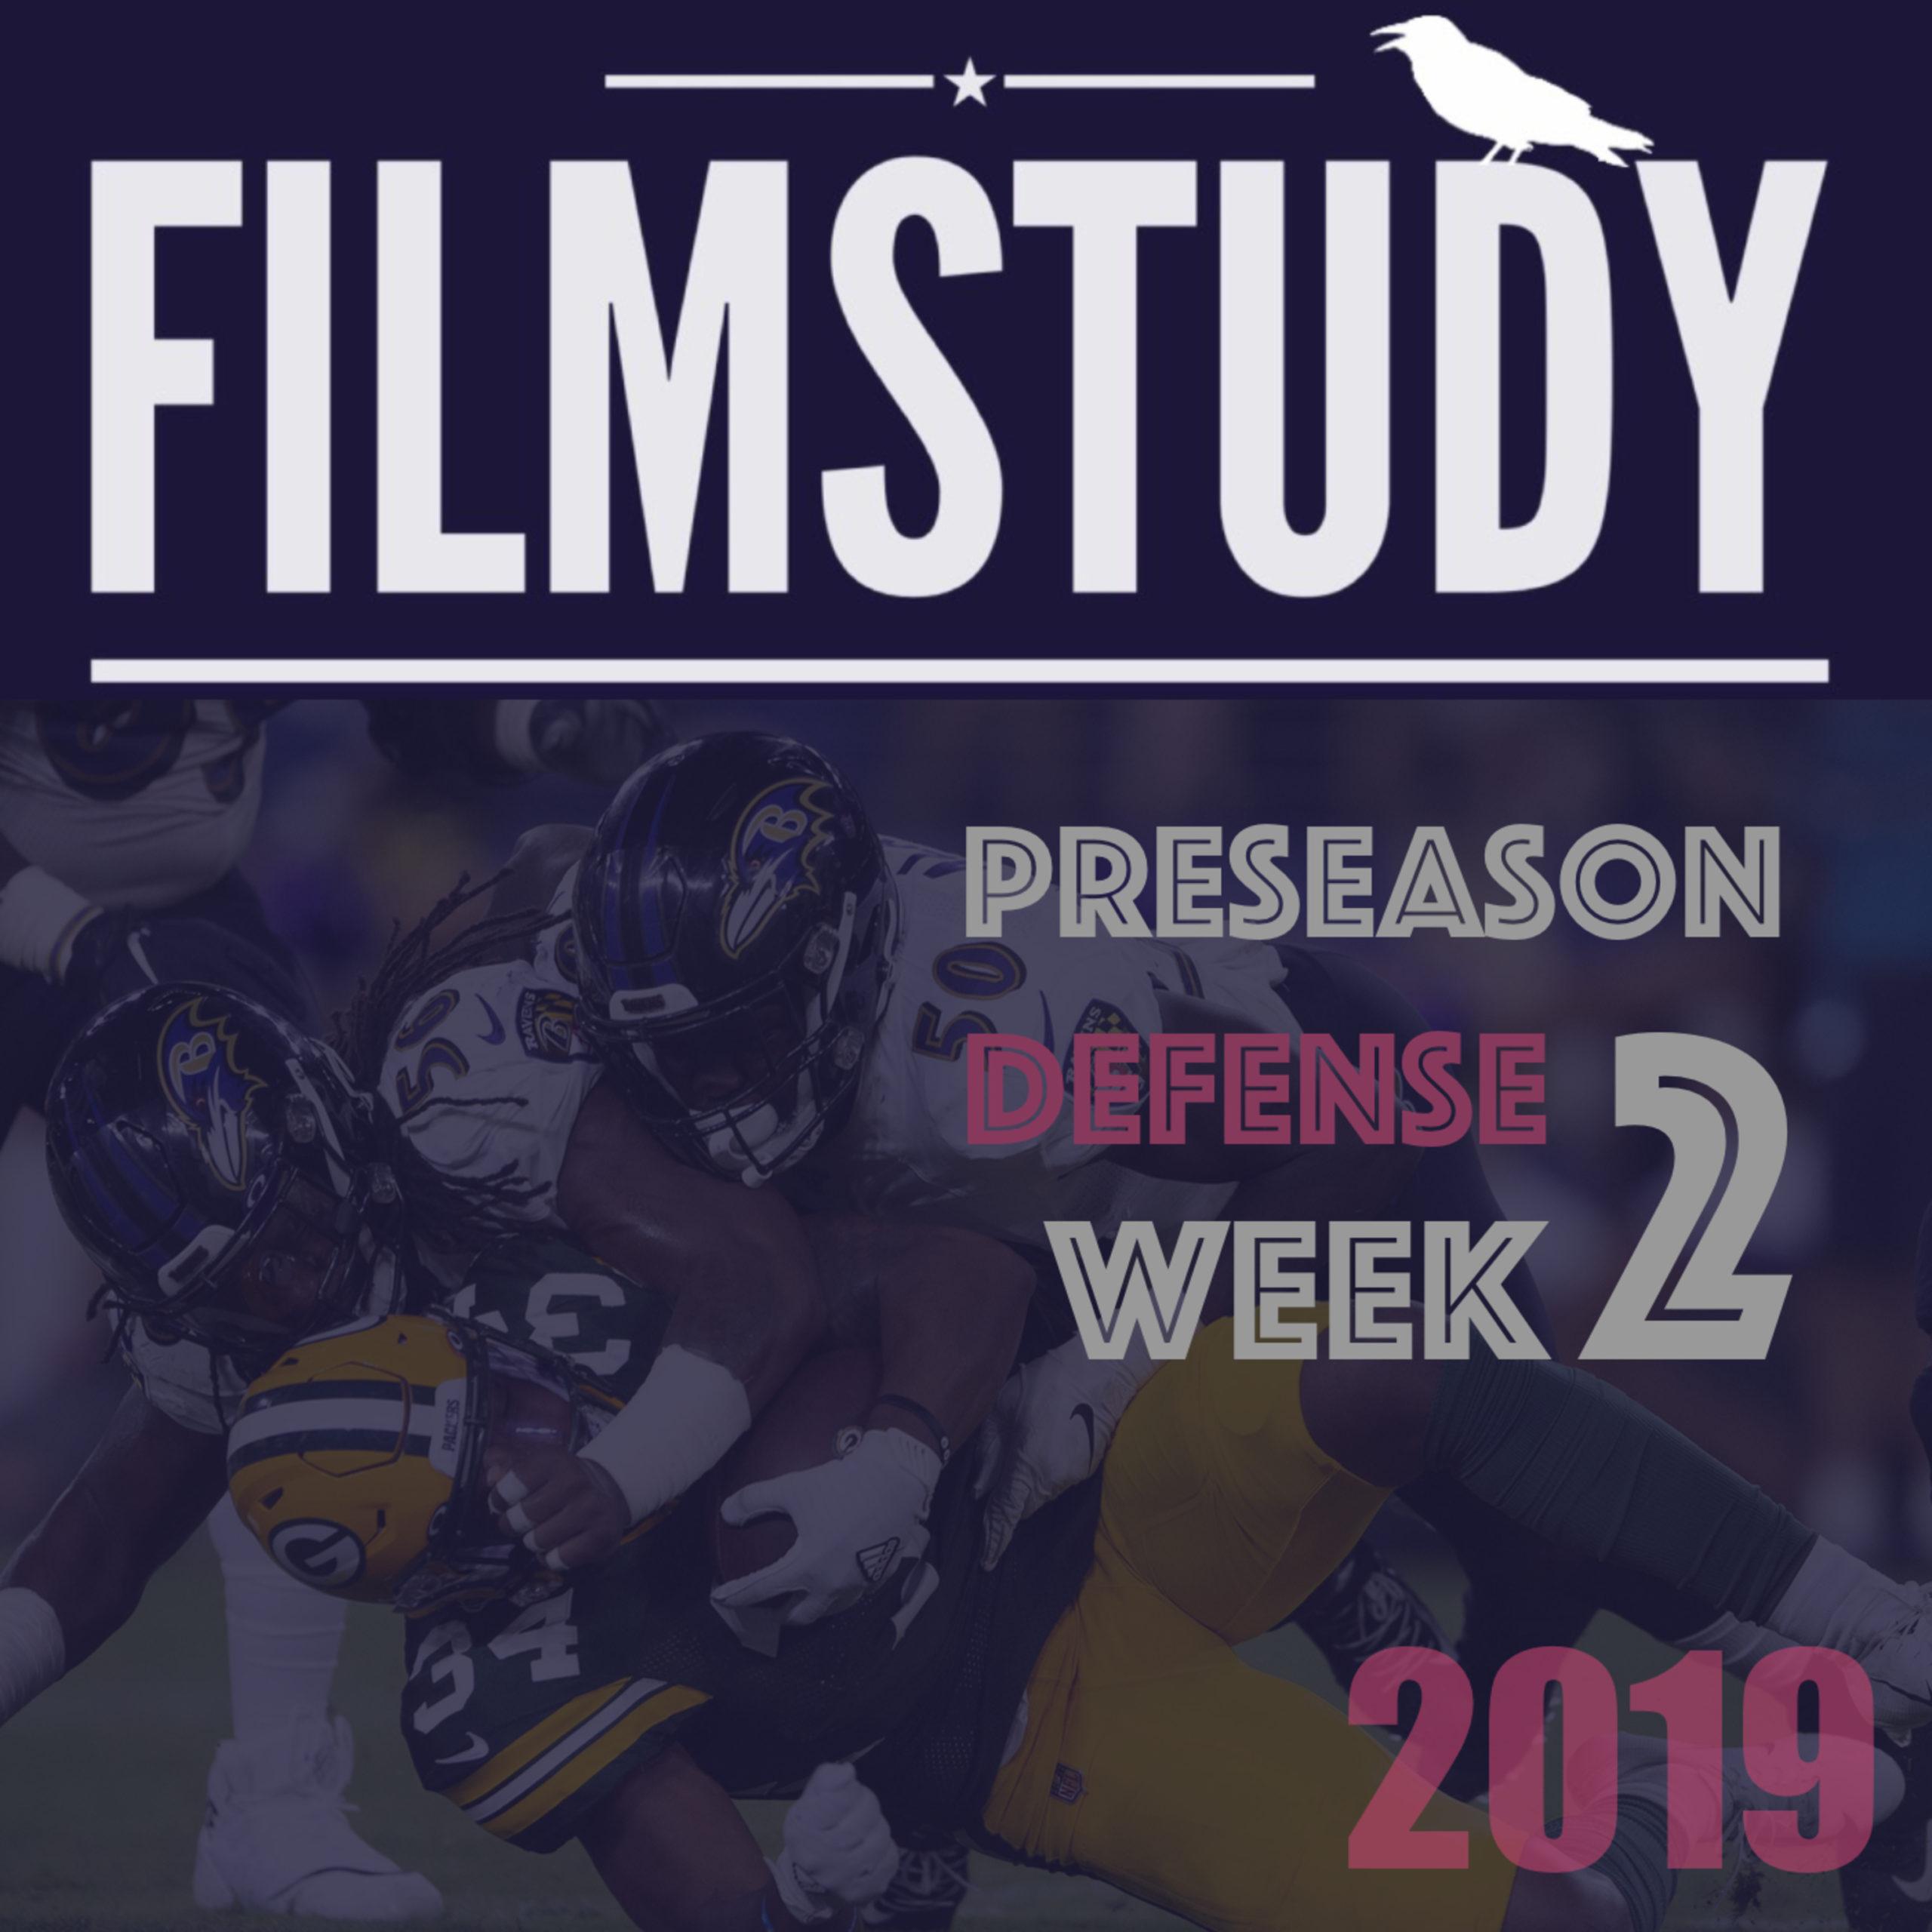 Defense : Preseason Week 2